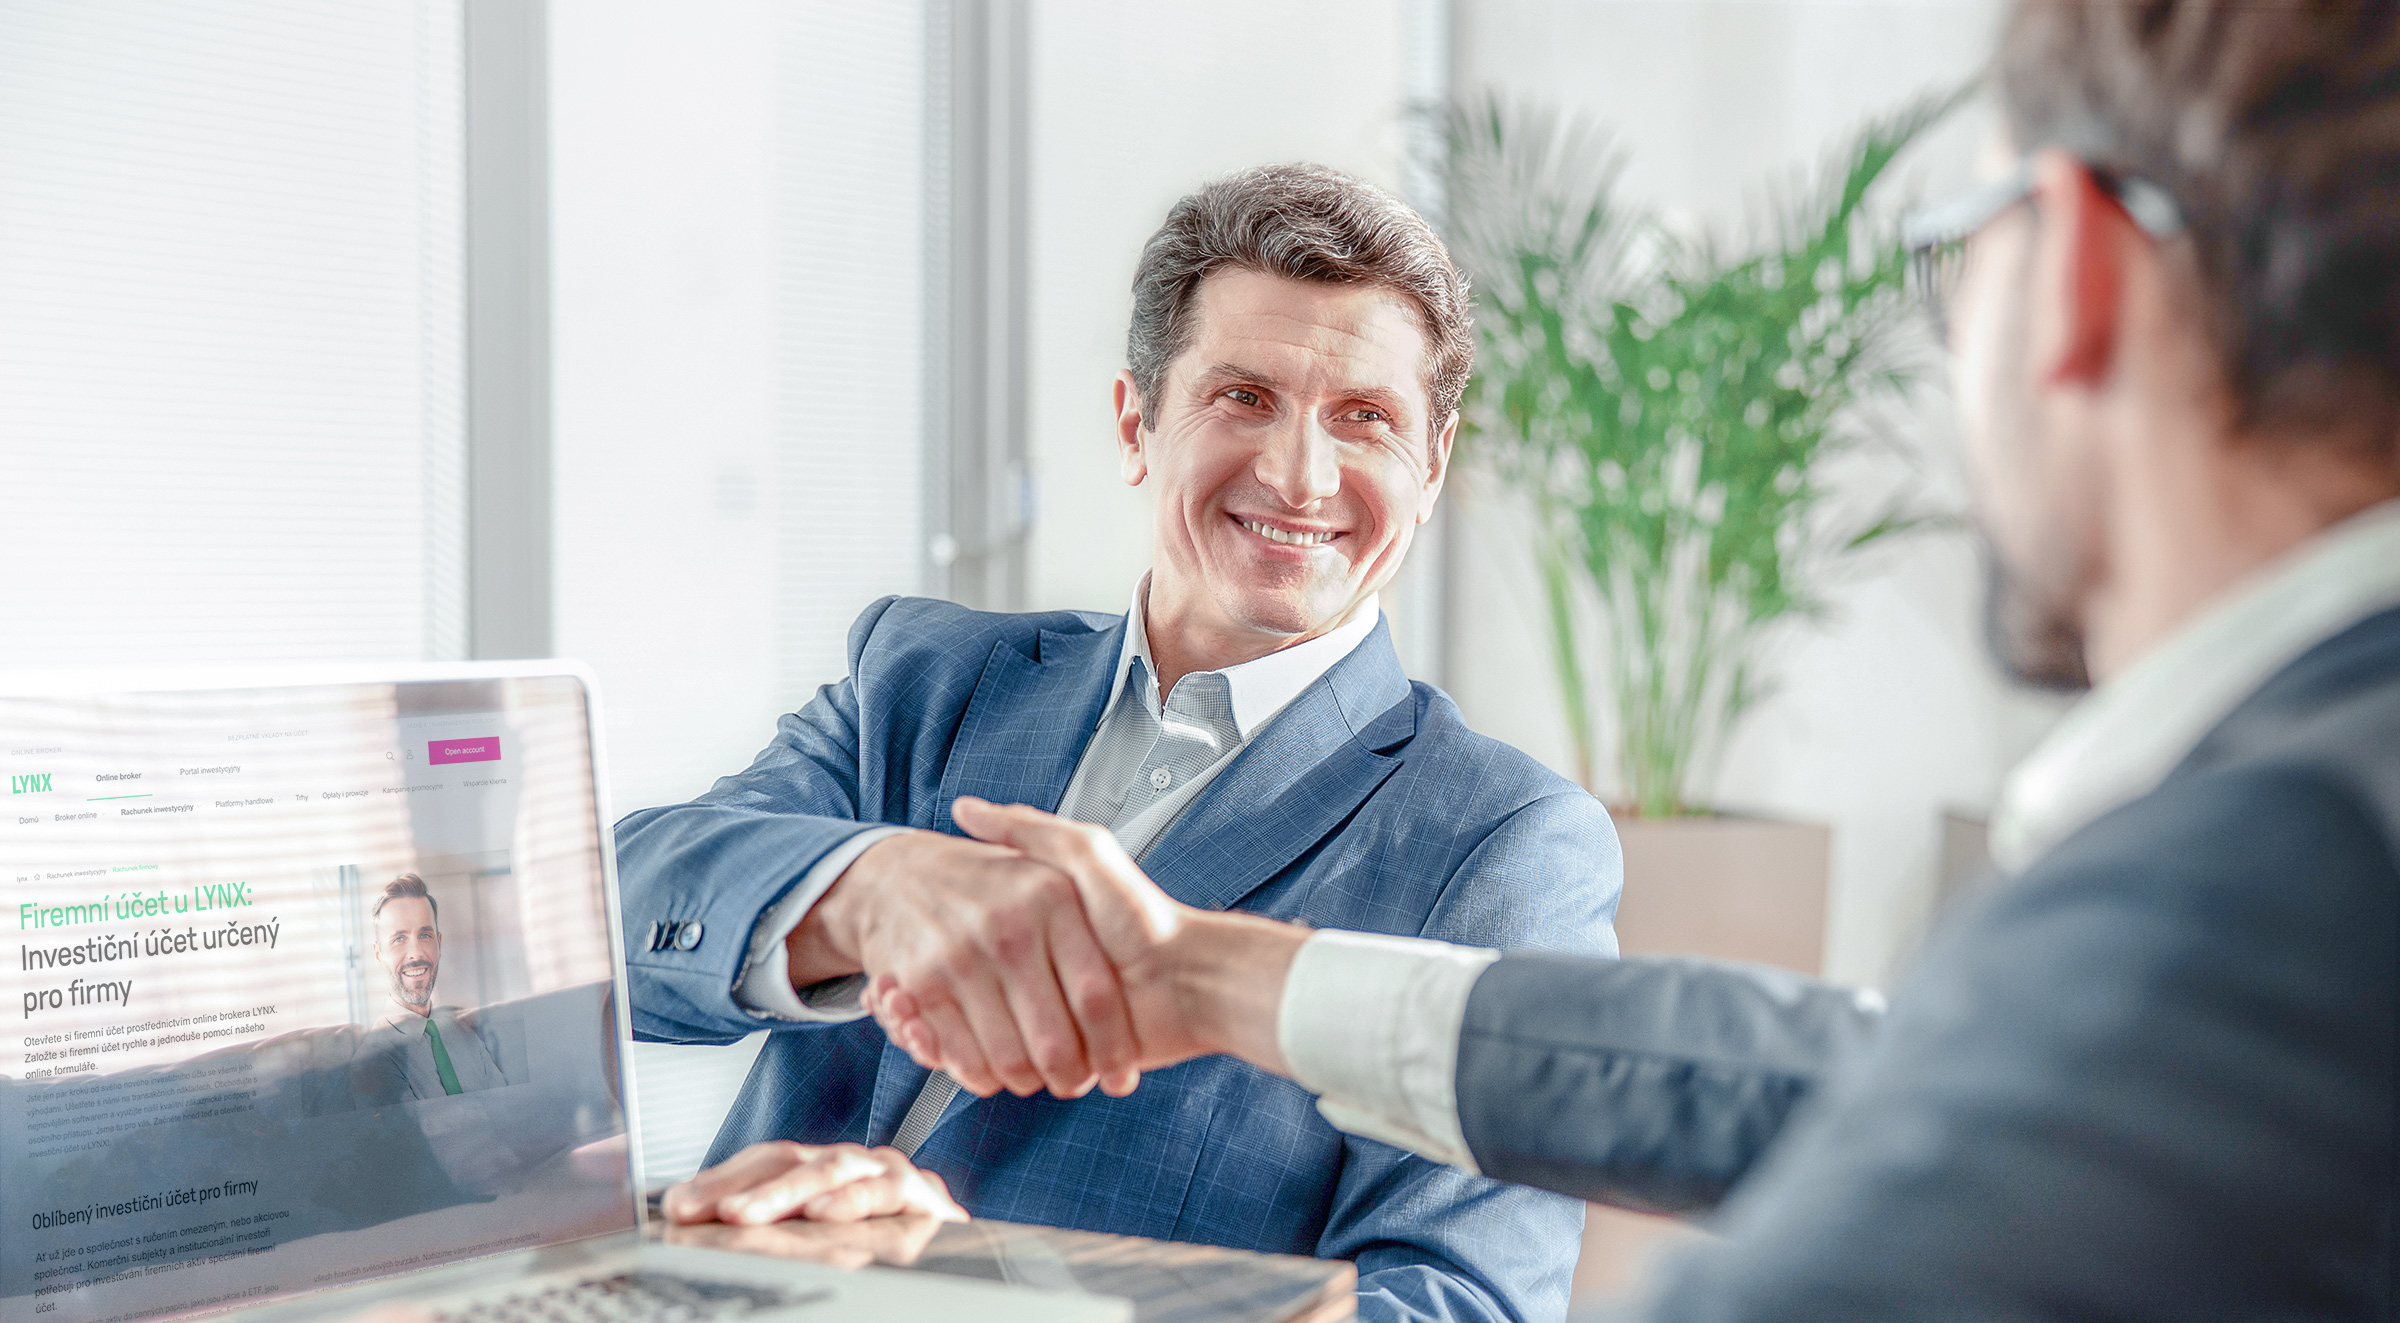 Zadowolony inwestor ściskający dłoń pracownikowi LYNX po otwarciu konta firmowego